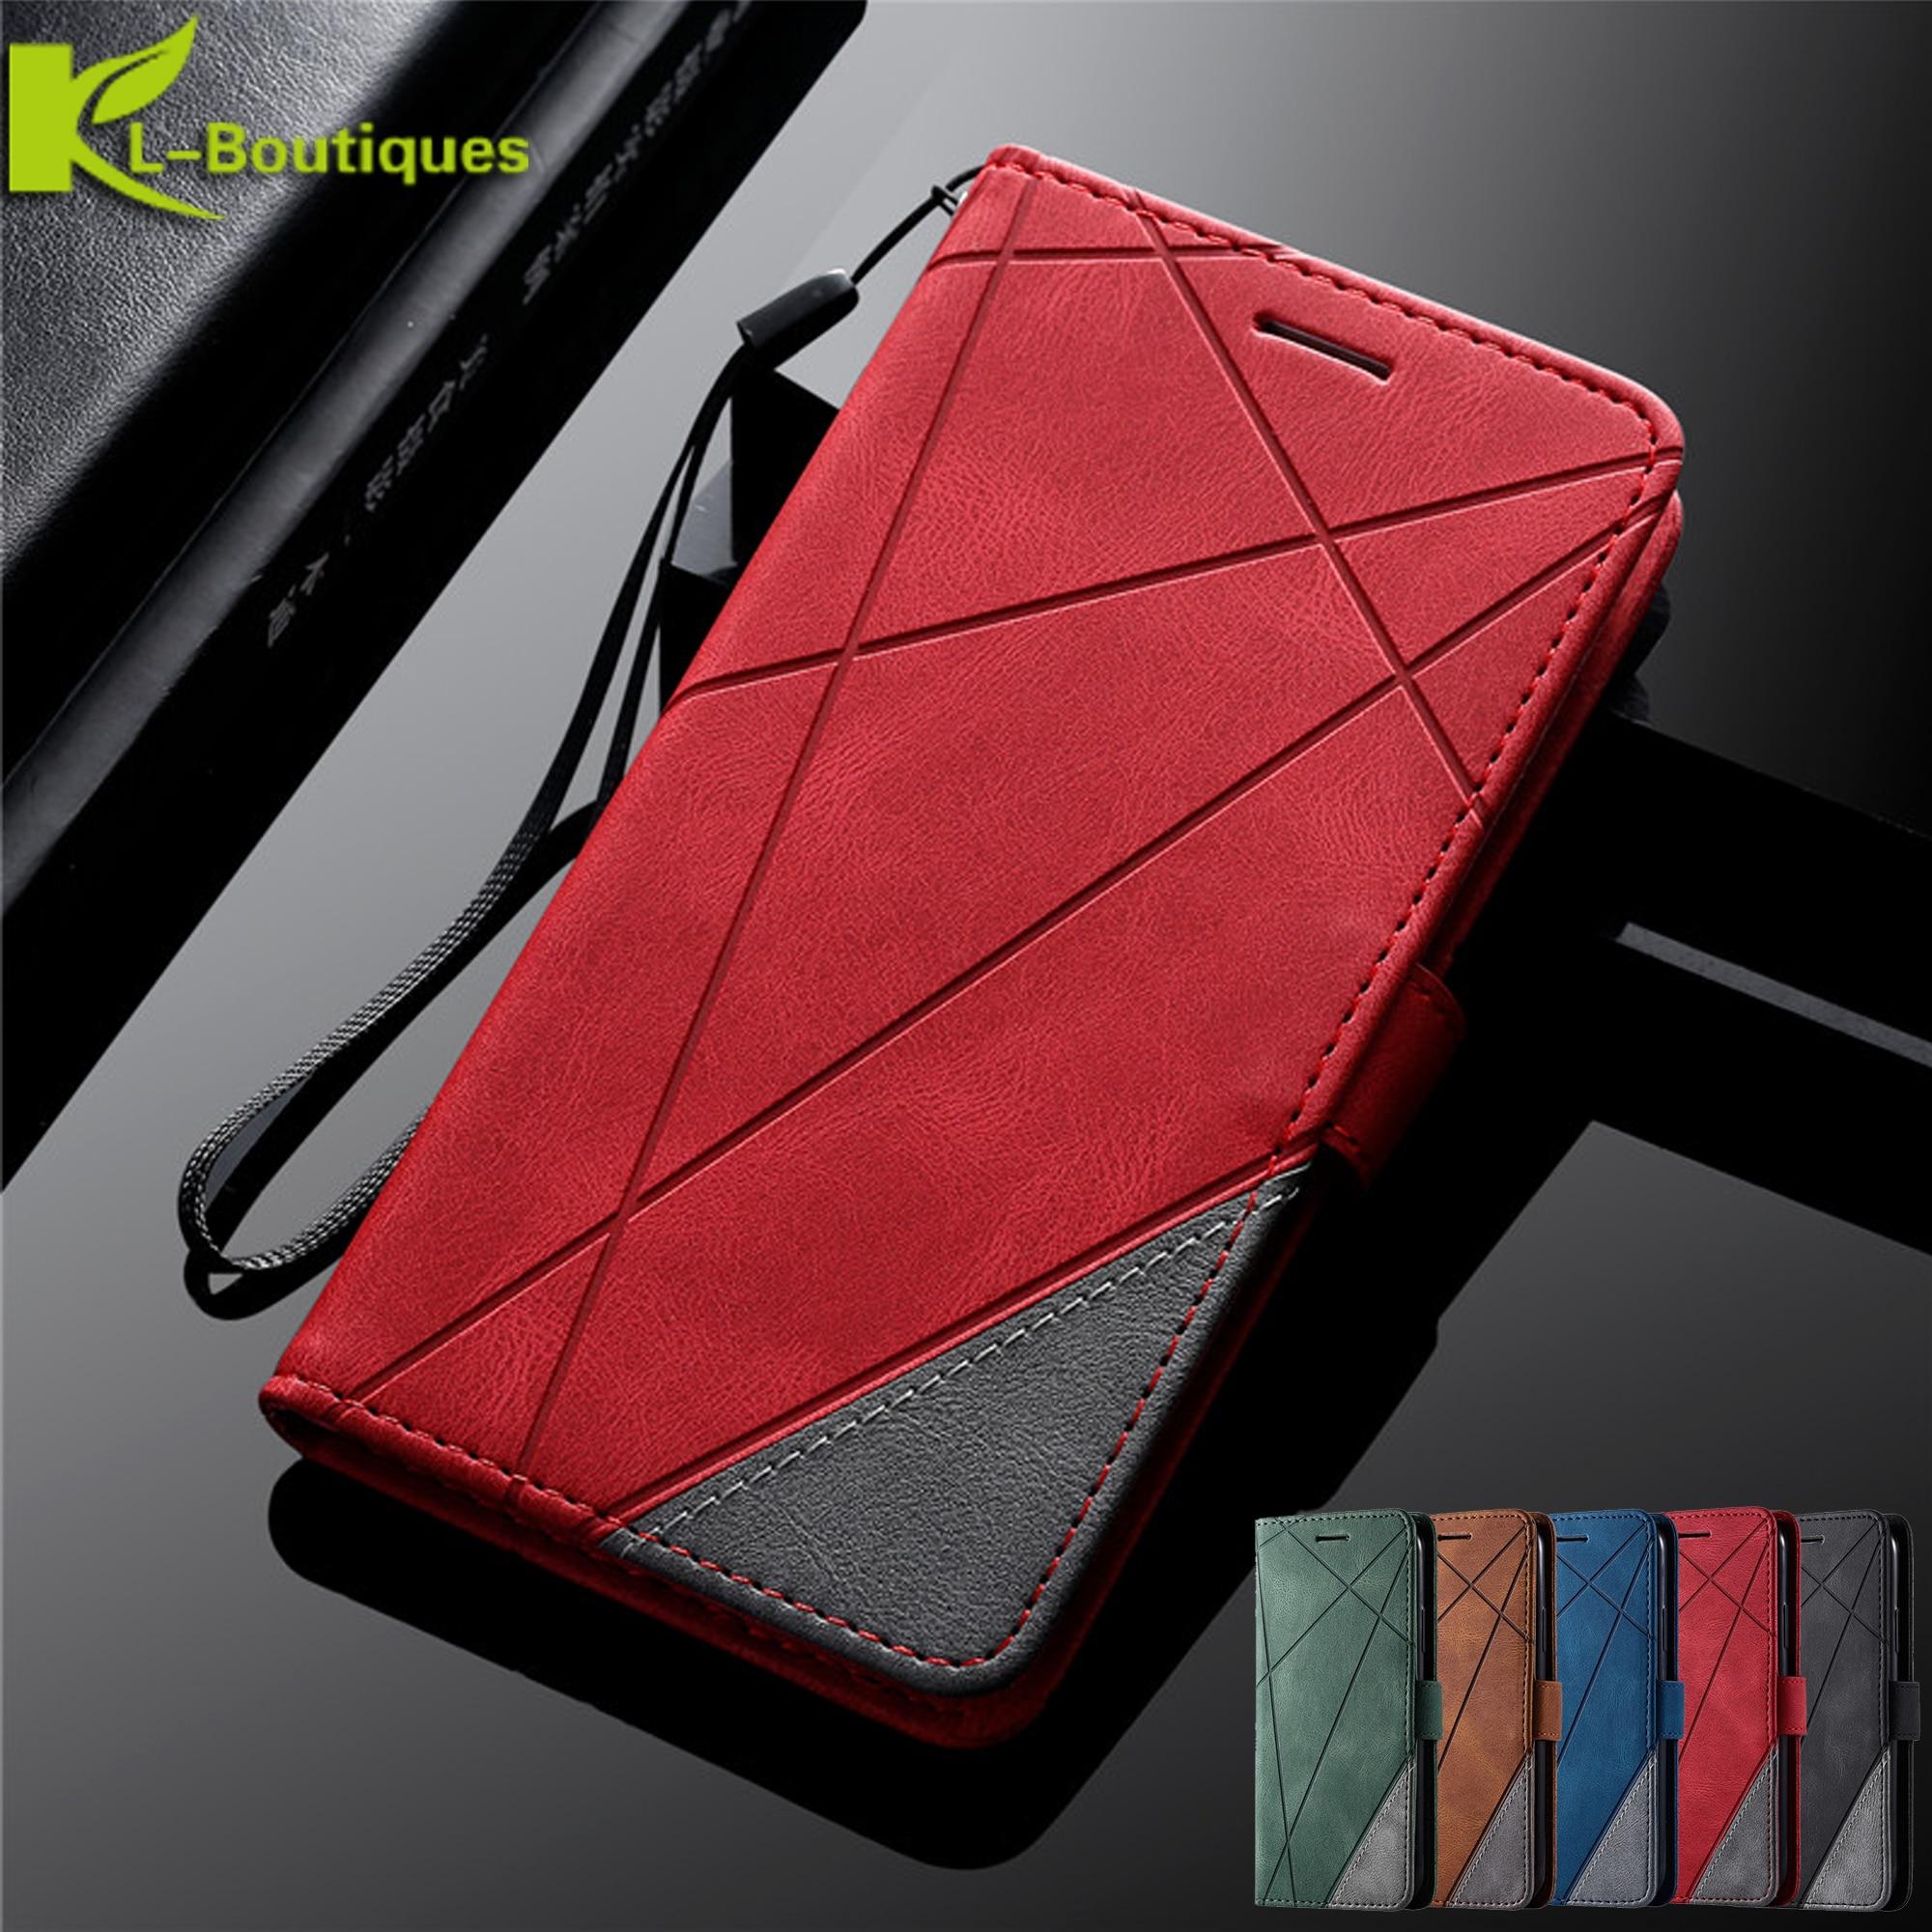 Кожаный чехол-бумажник с откидной крышкой для Samsung Galaxy S20 Ultra A 51 71 91 50 70 10 20 e 30 S 40 A7 A6 2018 J3 J5 J7 2017 S10 S9 S8 Plus